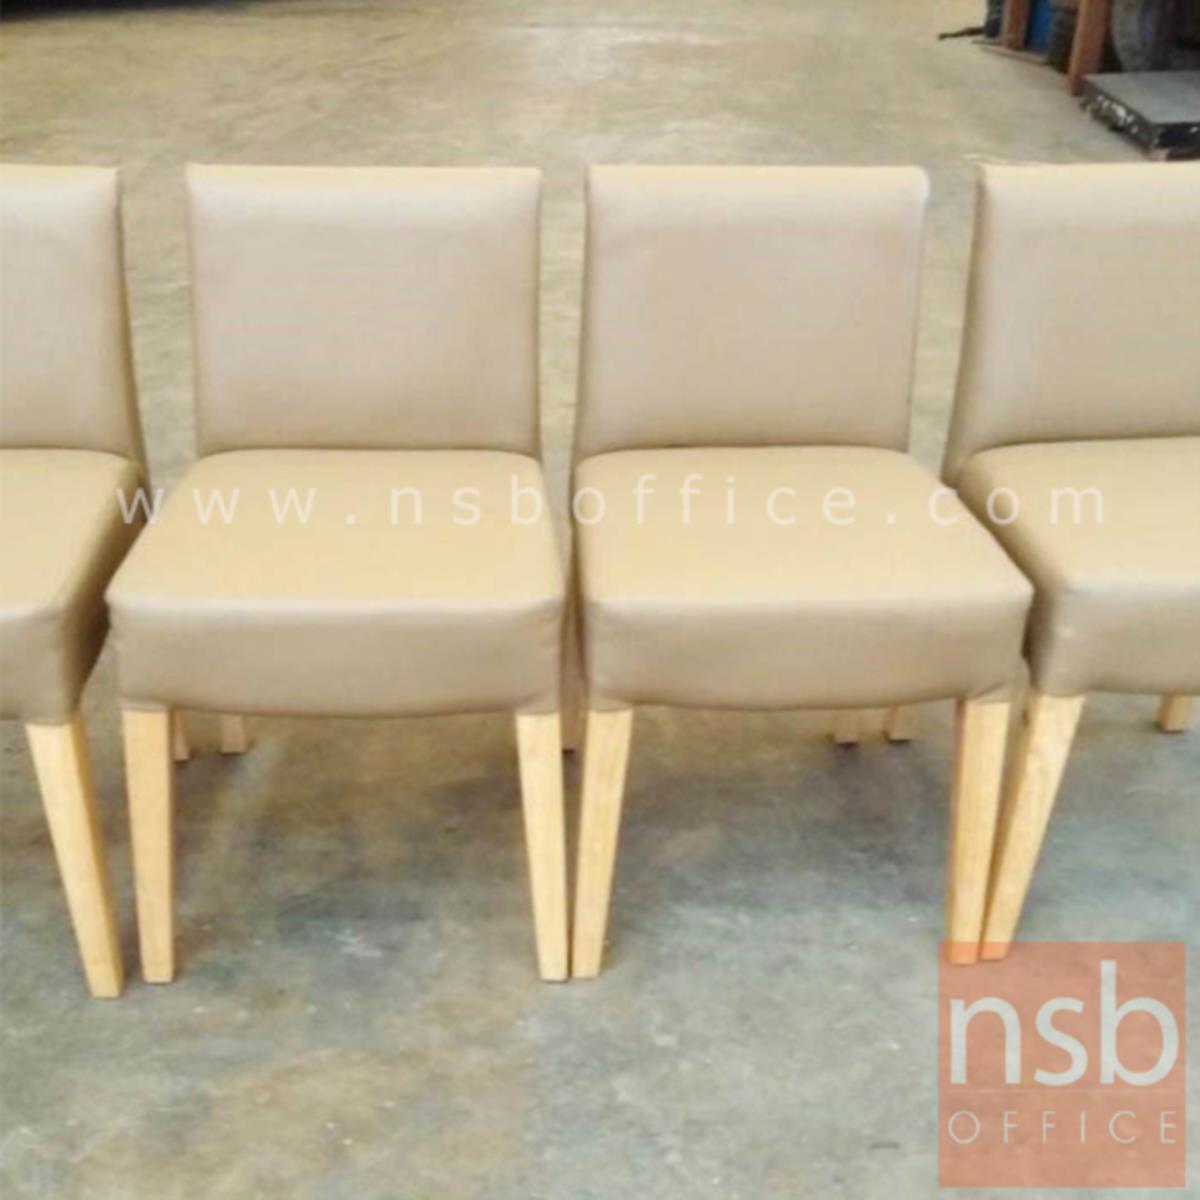 เก้าอี้ไม้ยางพาราที่นั่งหุ้มหนังเทียม รุ่น Albinus (อัลบินัส)  ขาไม้